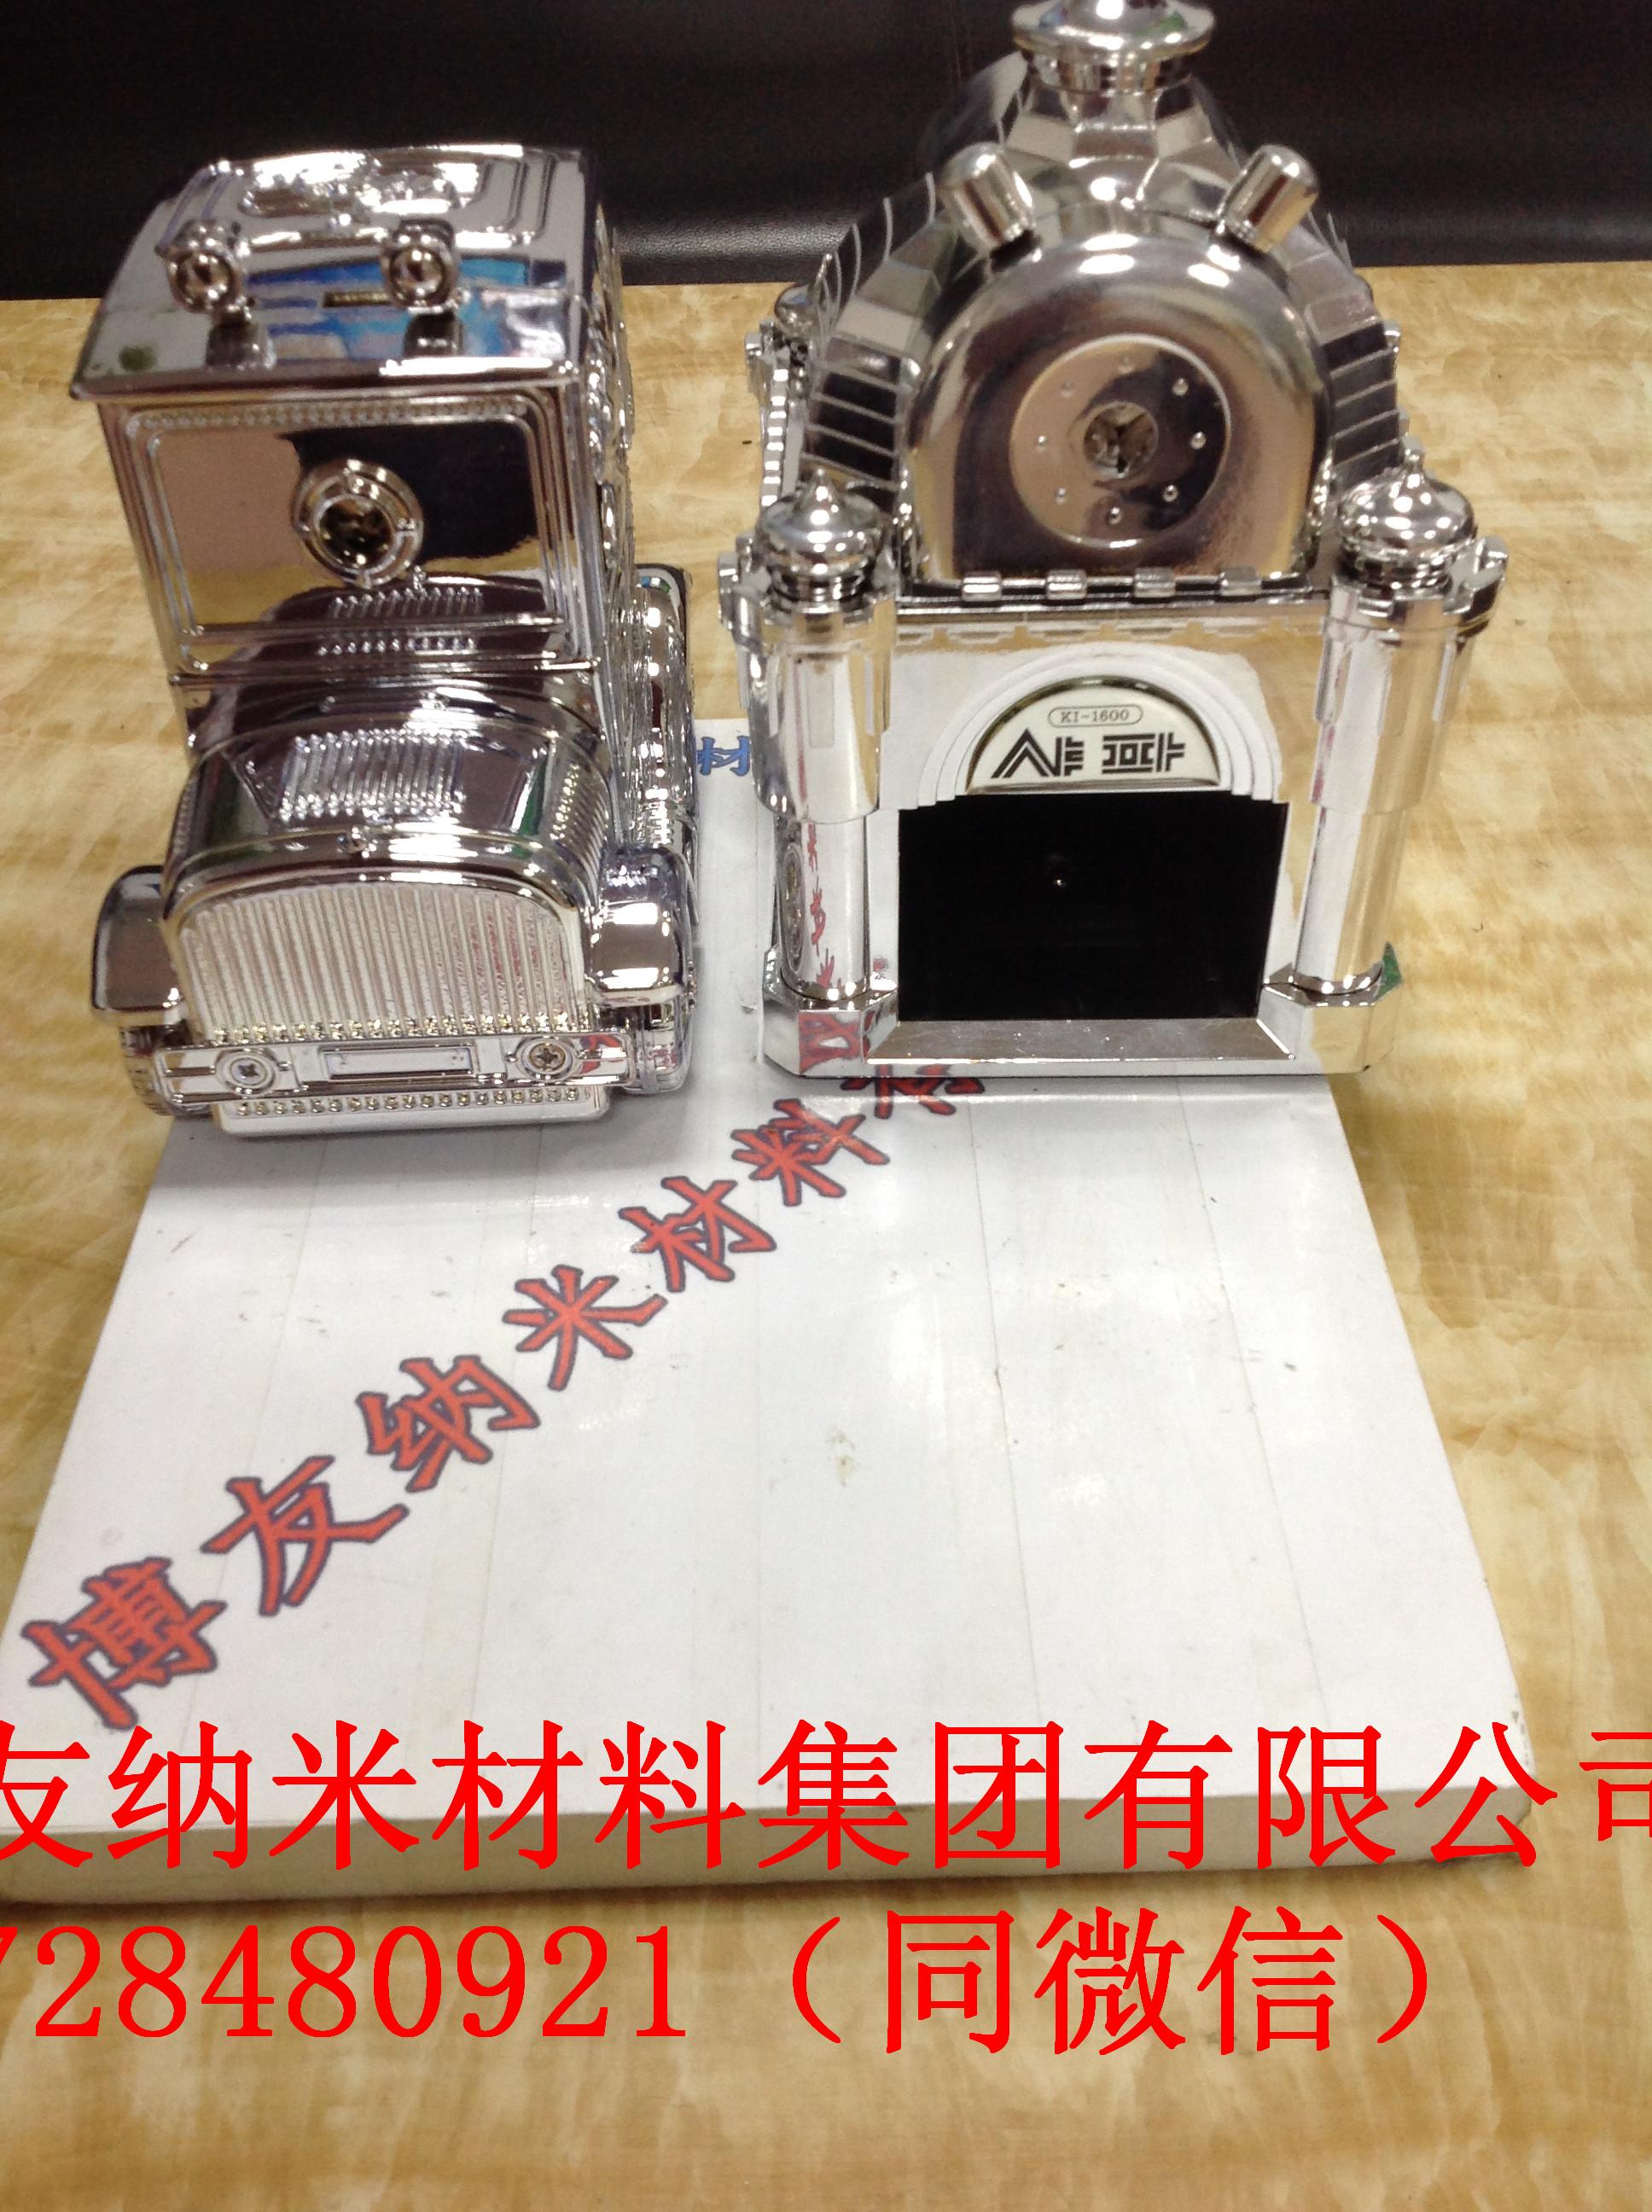 辽宁博友纳米喷涂喷镀设备 环保纳米喷镀设备 进口水性原材料